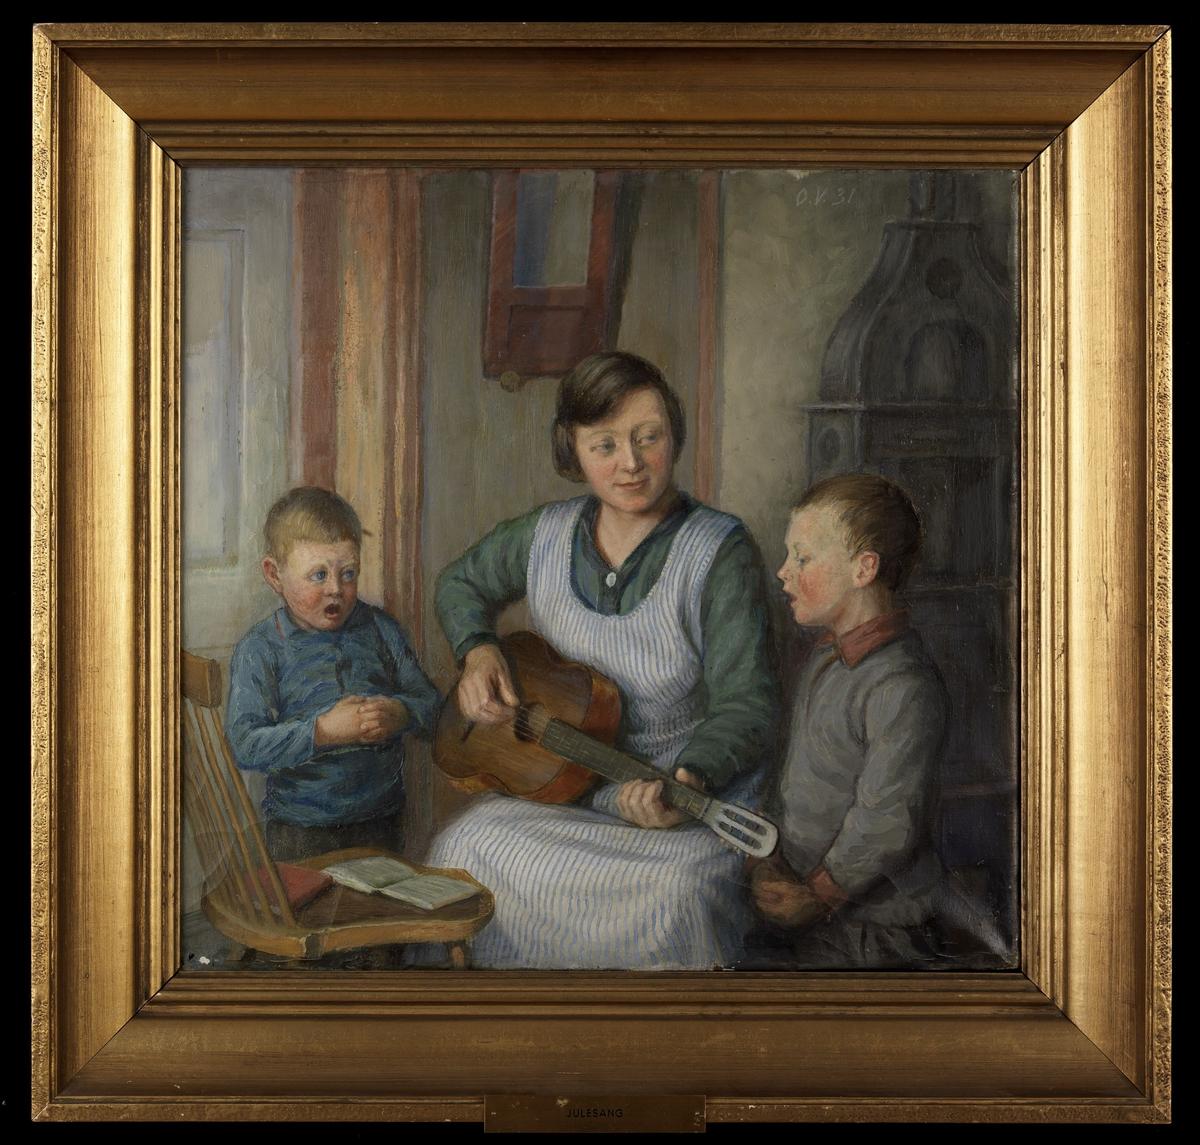 Interiør m. kvinne, sittende, grønn bluse, stripet forkle, gitar, 2 gutter i gensere; i bakgrunnen dør, vegg m. speil, ovn